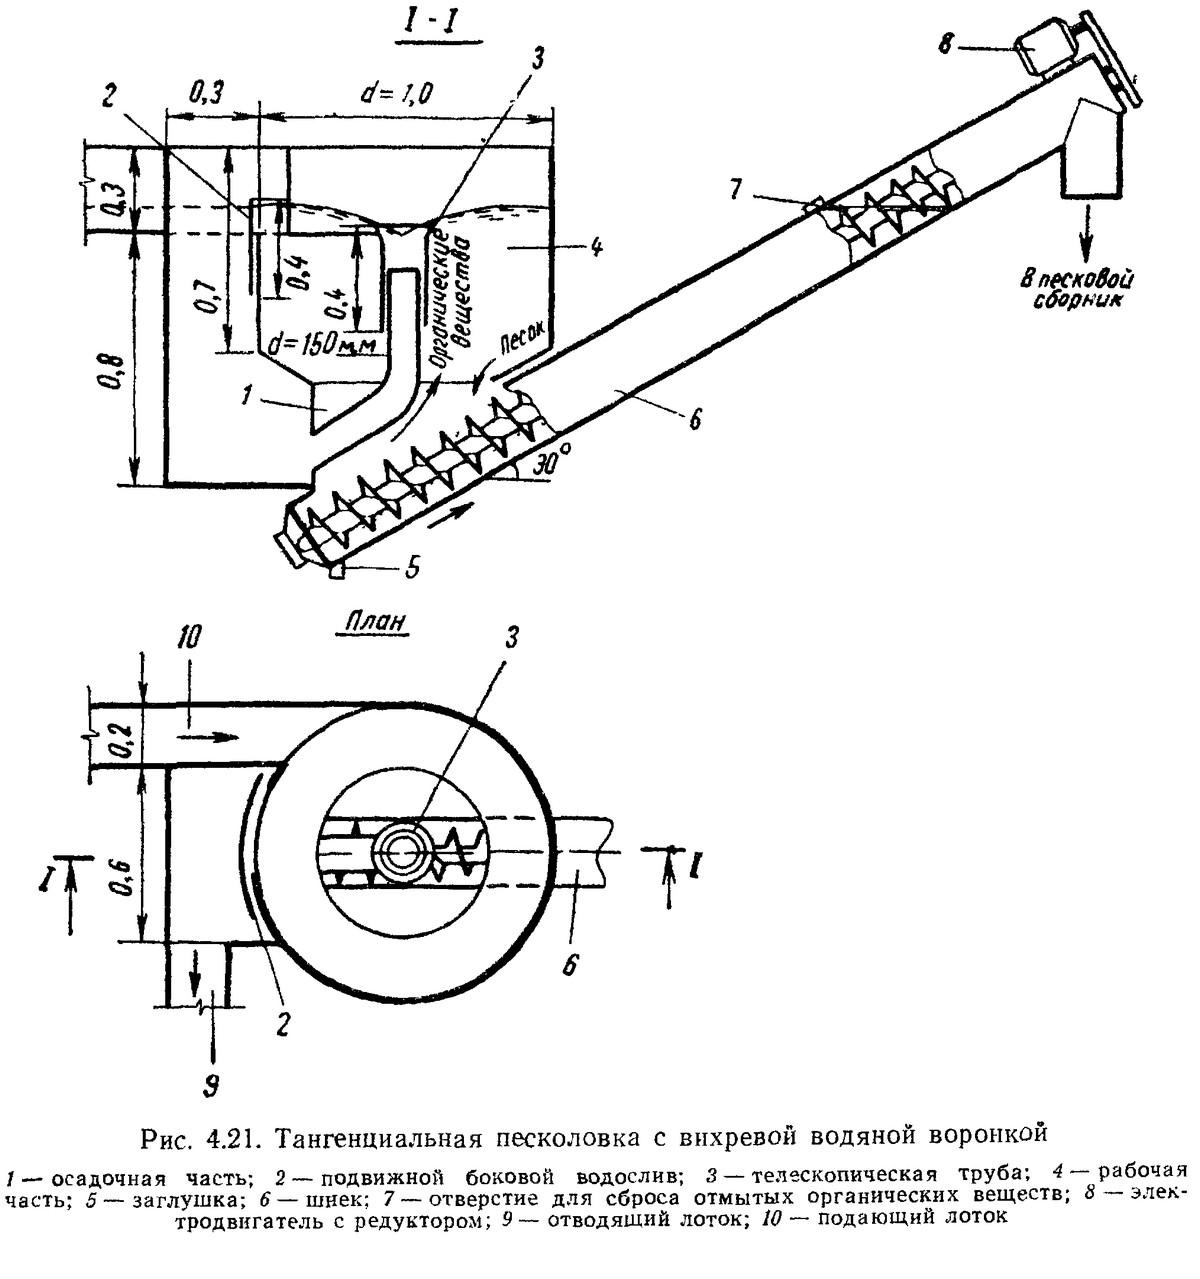 peskolovki-dlya-ochistki-stochnyh-vod_00017